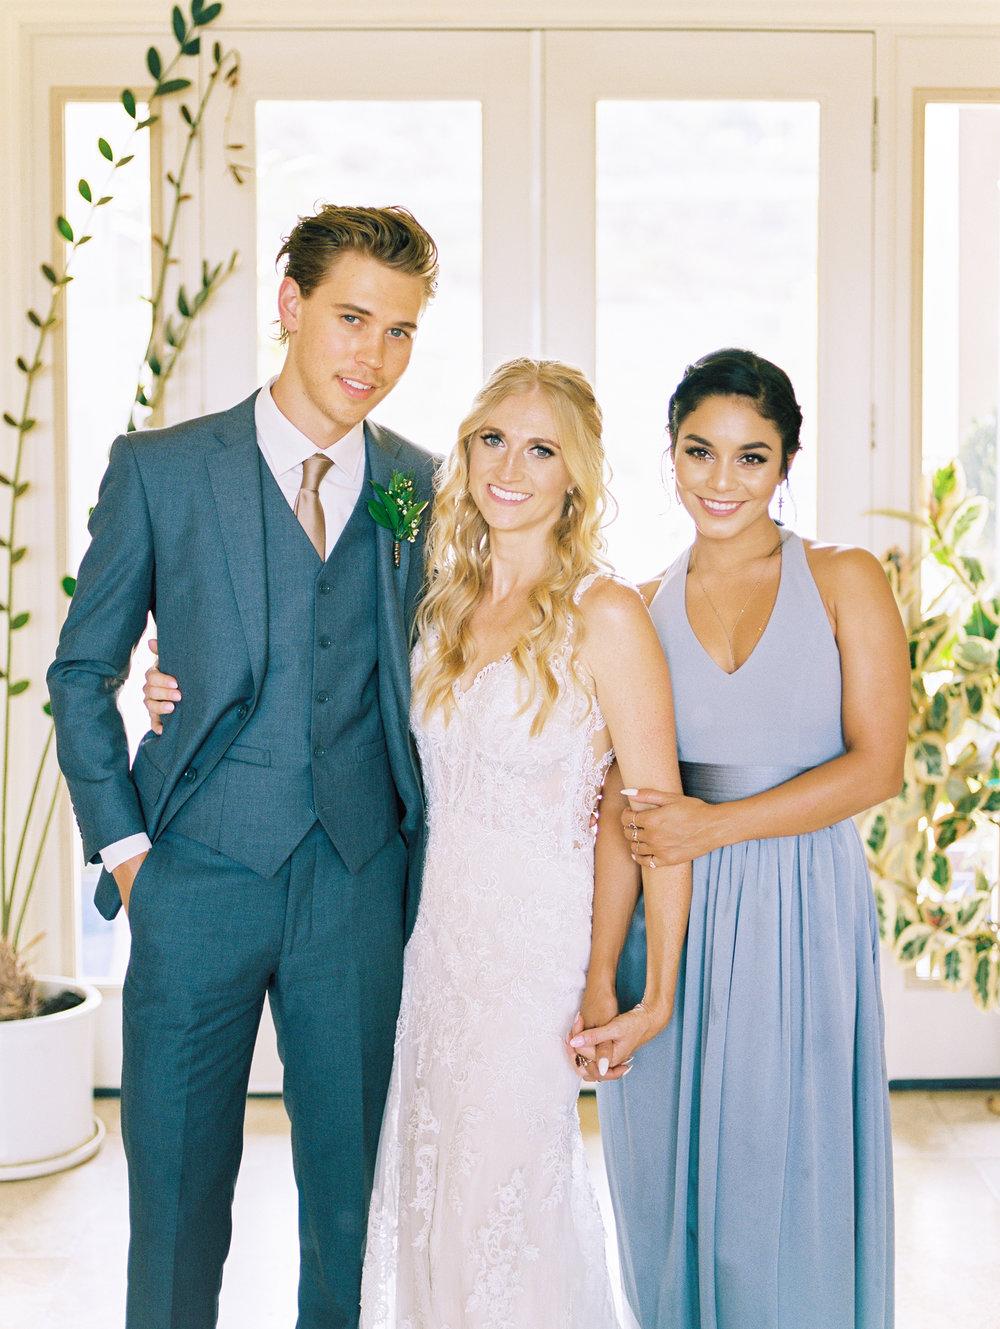 dennisroycoronel_ashleyanthony_vanessahudgens_austinbutler_wedding_losangeles_photographer-57.jpg